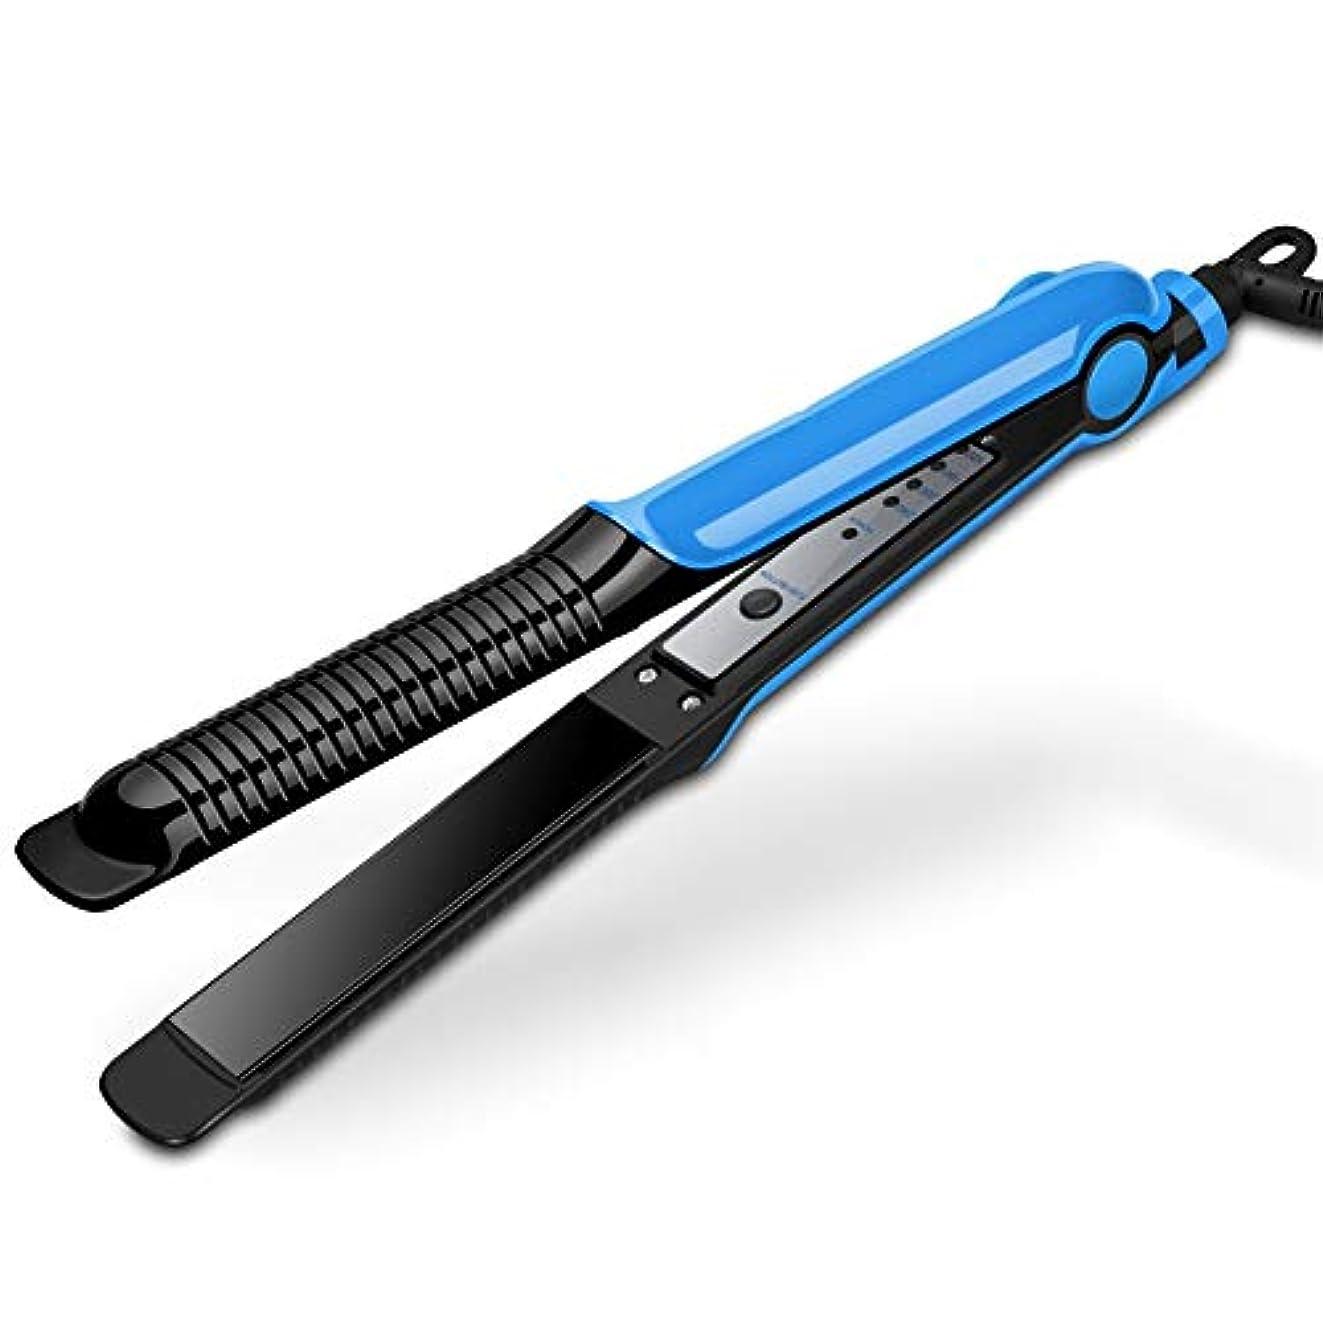 多機能調節可能な温度ストレートヘアストレートラインデュアルユースウェットアンドドライデュアルユース自動一定温度4スピードサーモスタットパネル均一に熱は髪を傷つけません30秒ホットパープルブルー (Color : Blue)